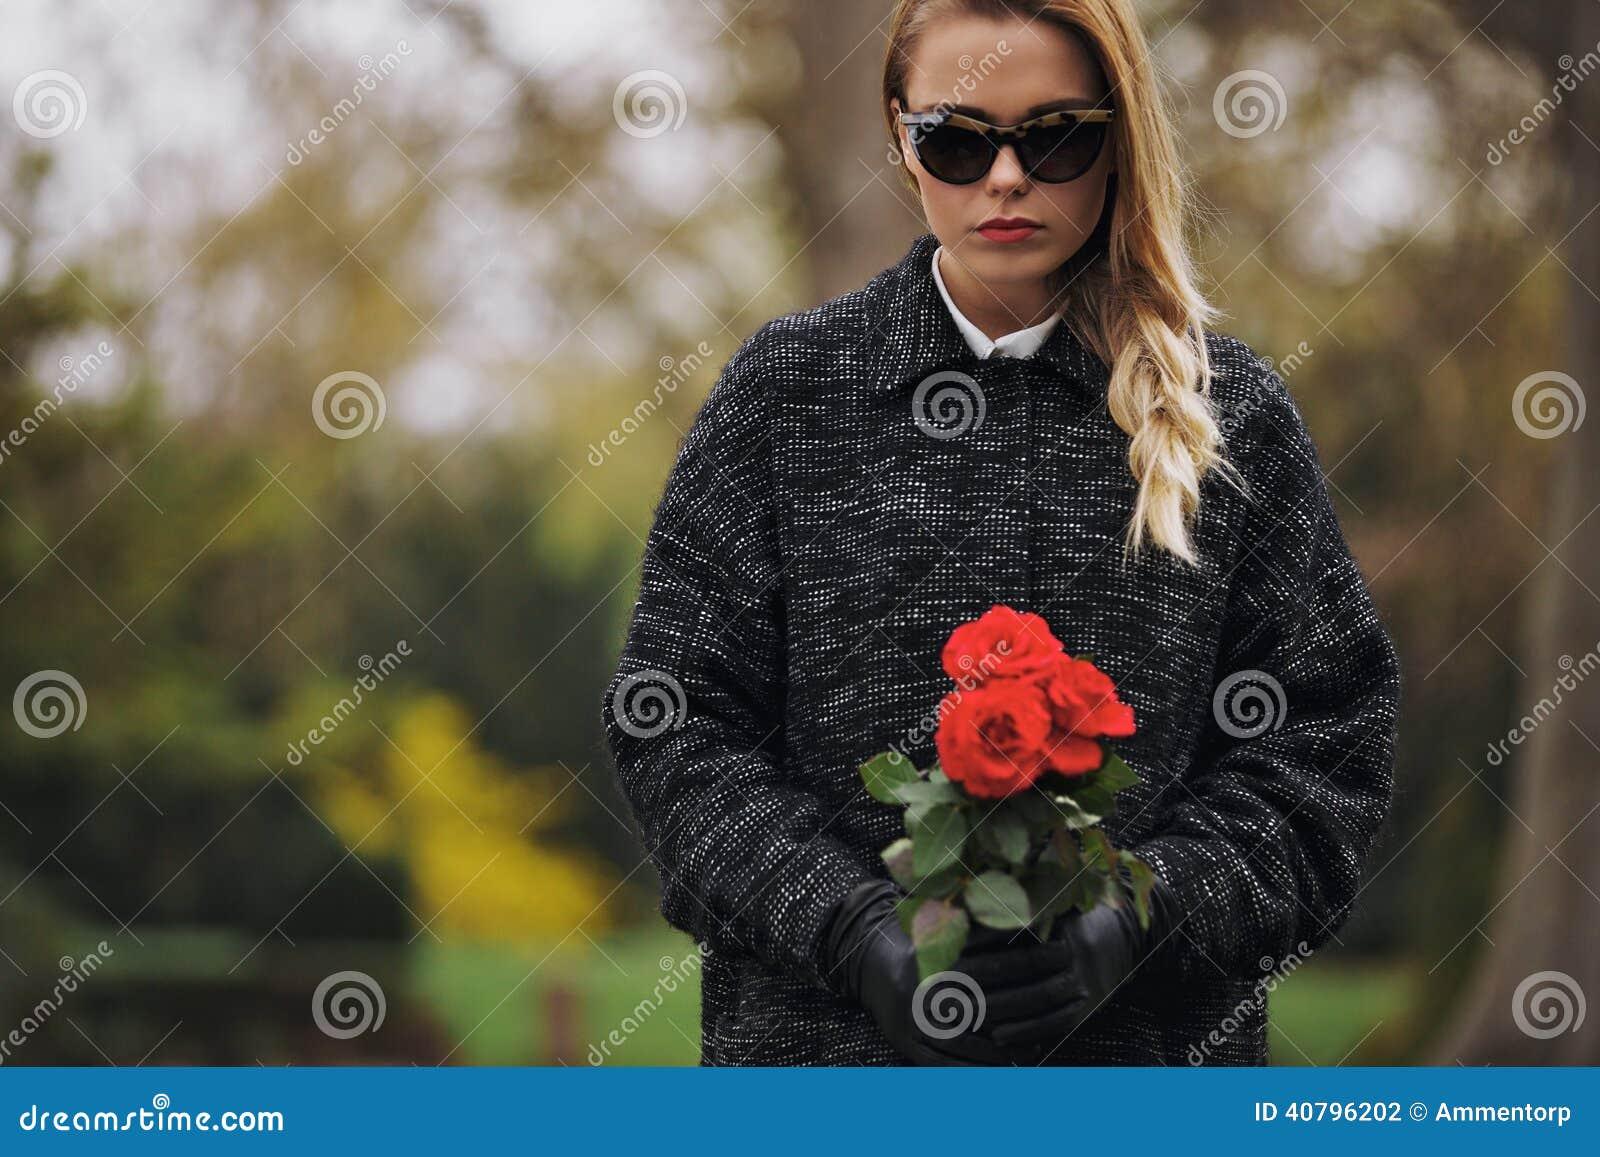 Femme libre pour relation